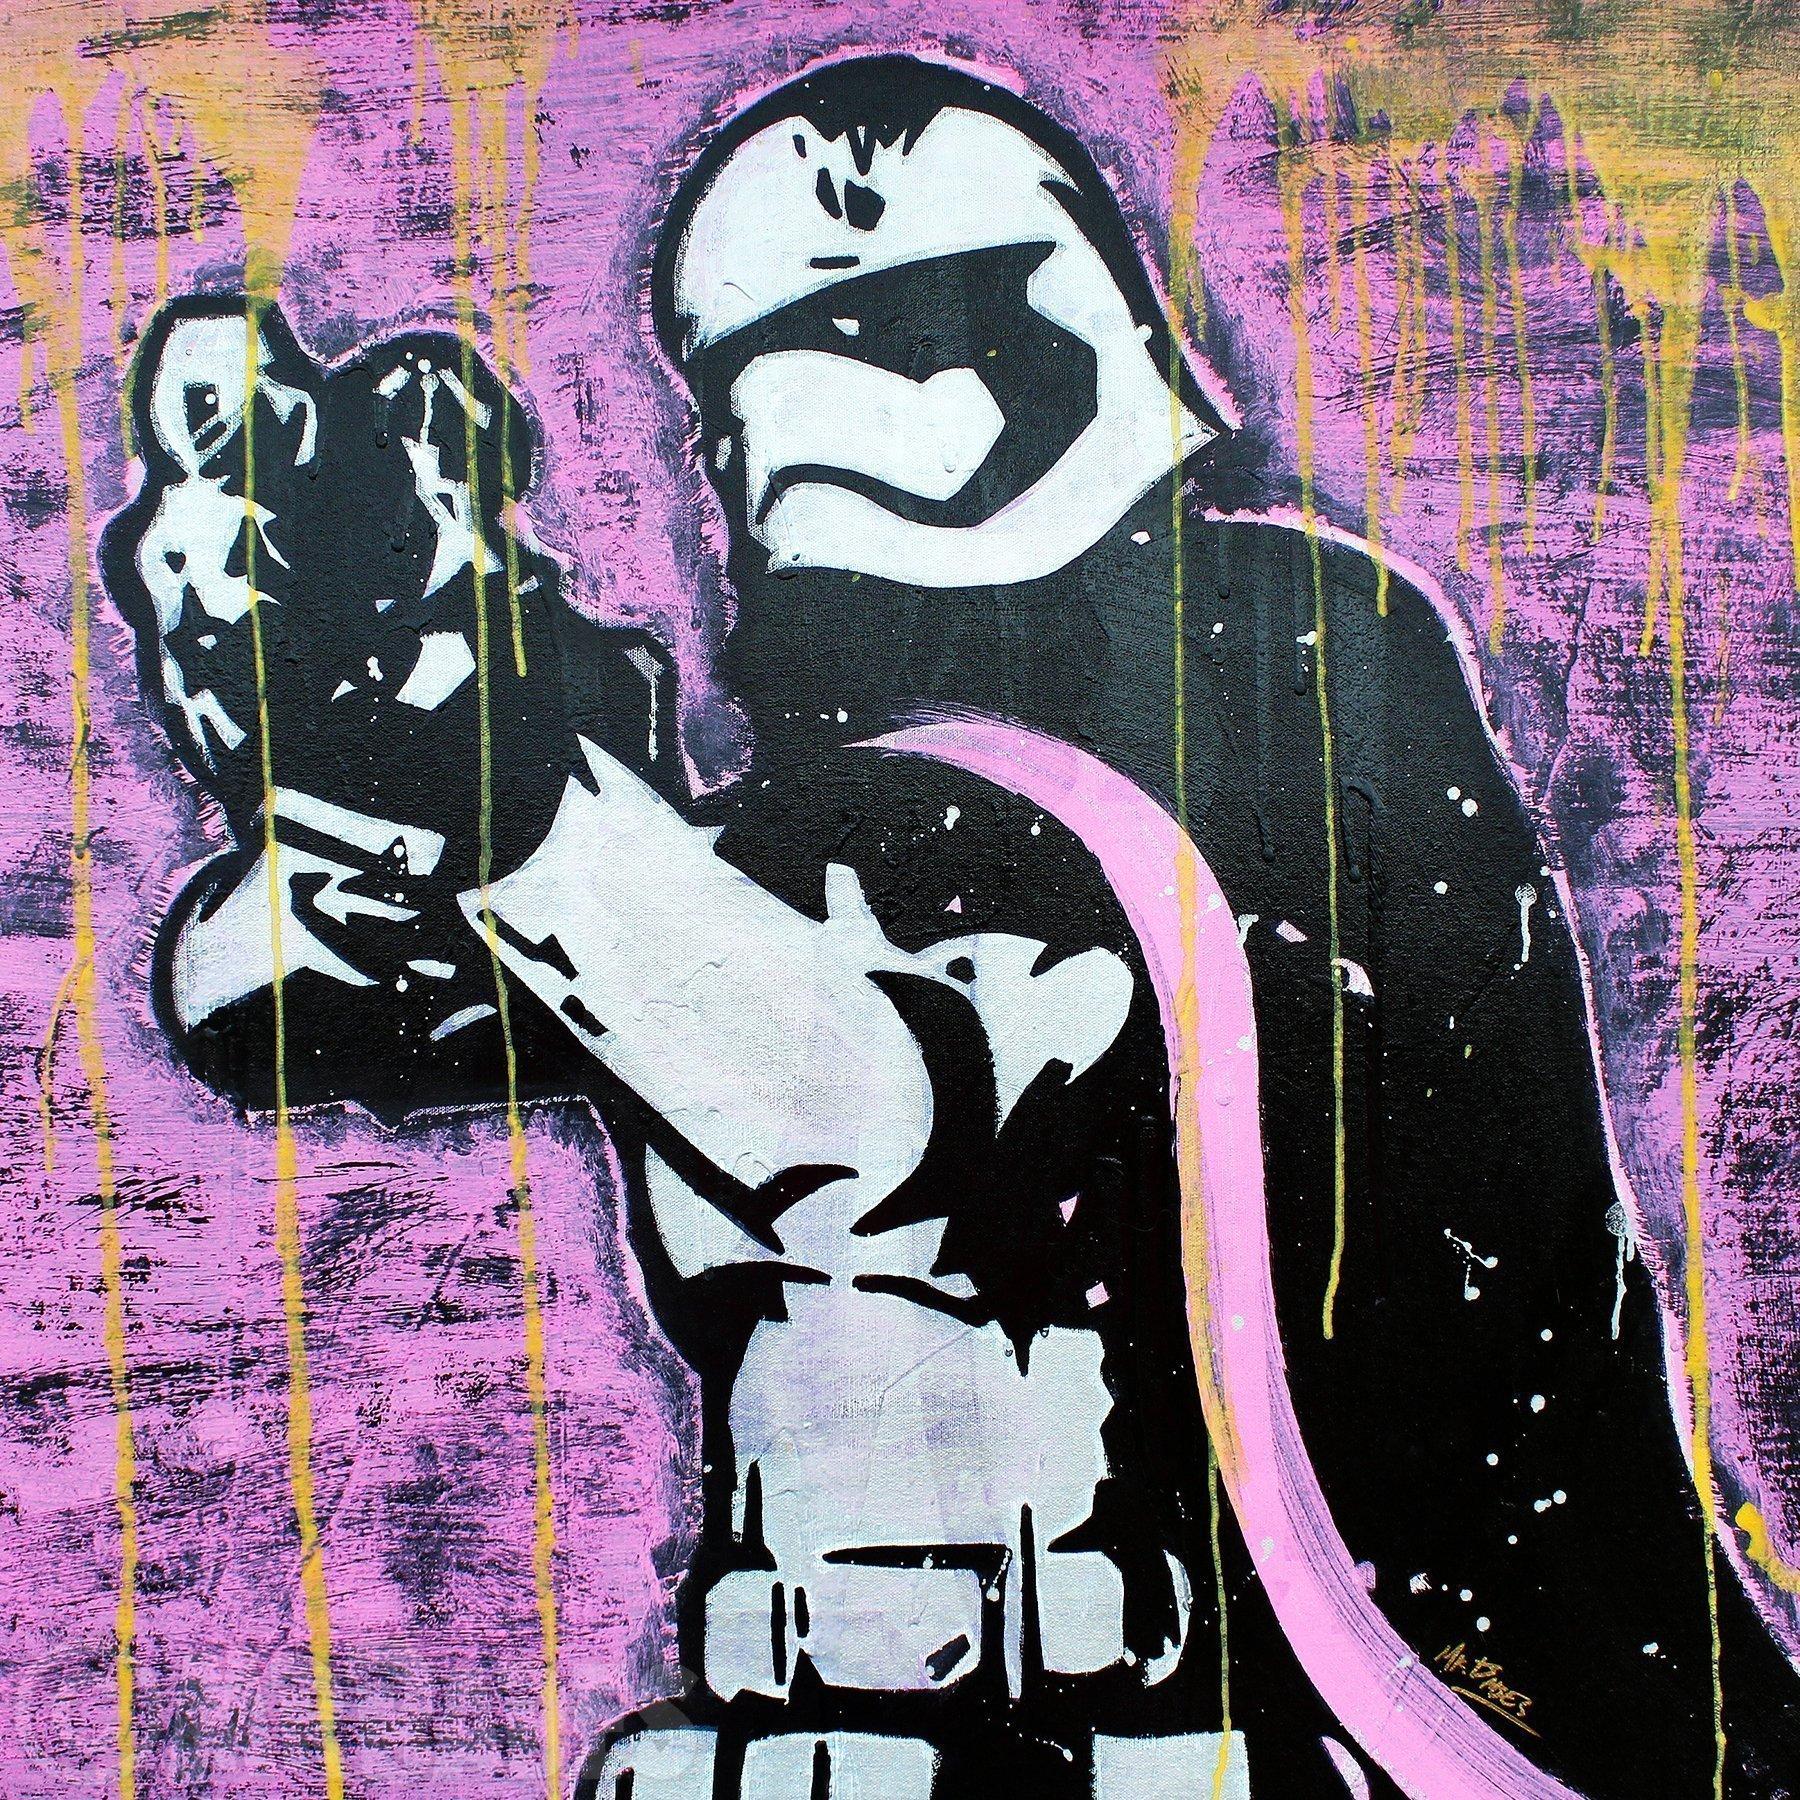 MR.BABES - ''Star Wars: Captain Phasma (Gwendoline Christie)'' - Original Pop Art Painting - Movie Portrait